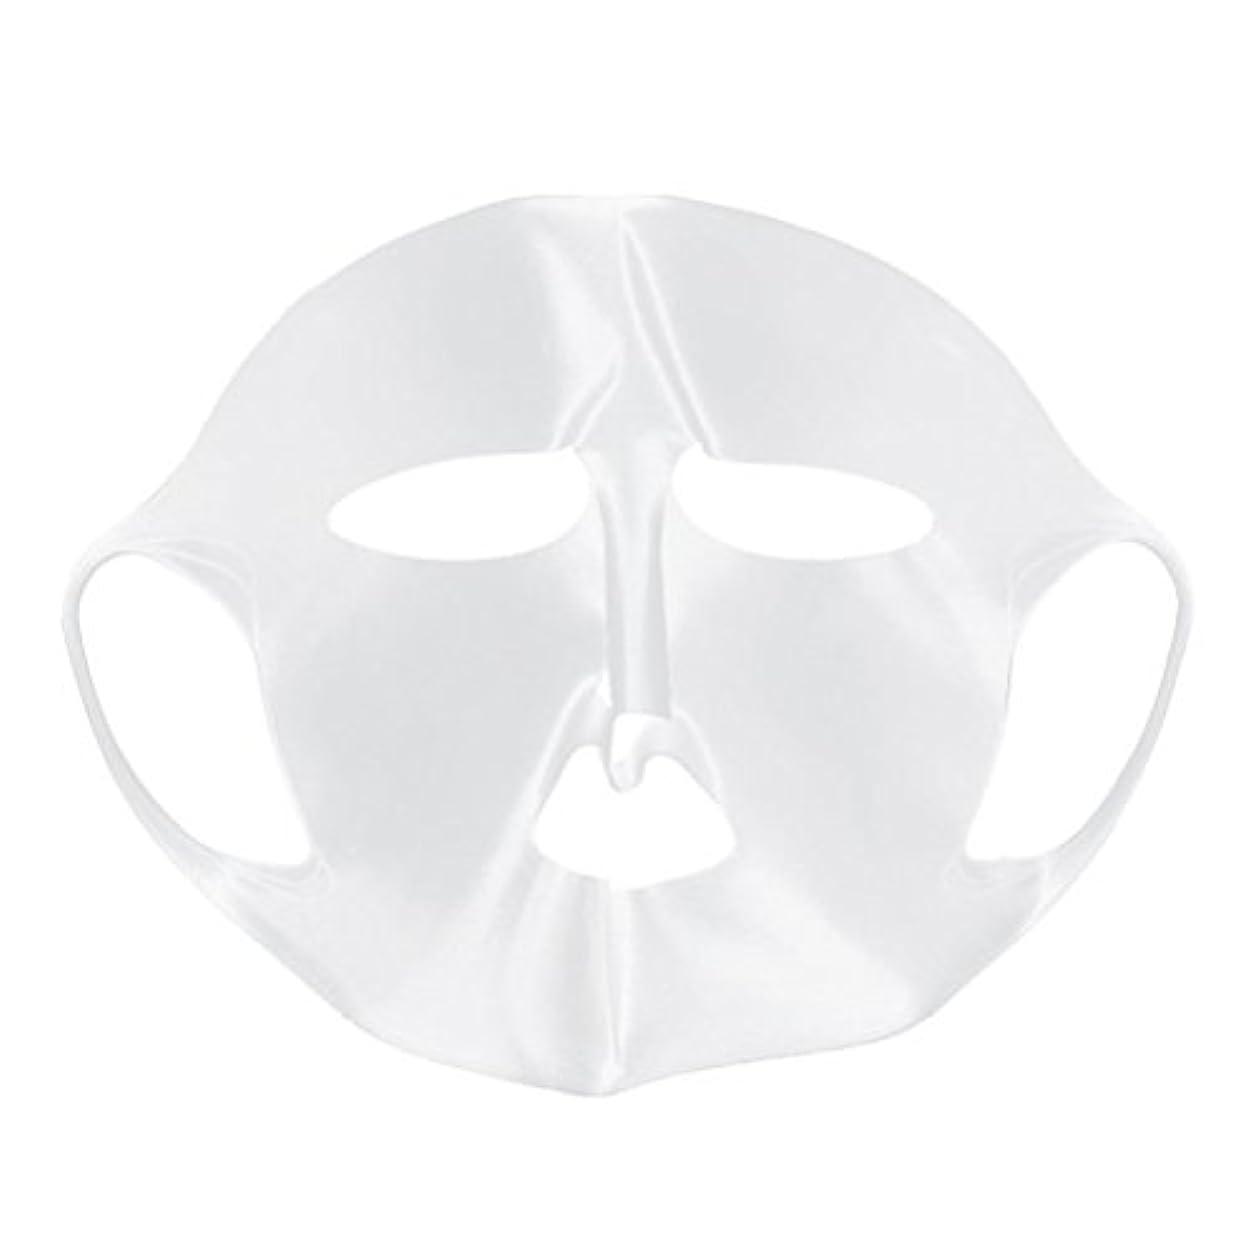 レザーぬいぐるみ鋸歯状Beaupretty シートマスクカバーのためのシリコーンの再使用可能な顔のマスクカバー顔の保湿マスク